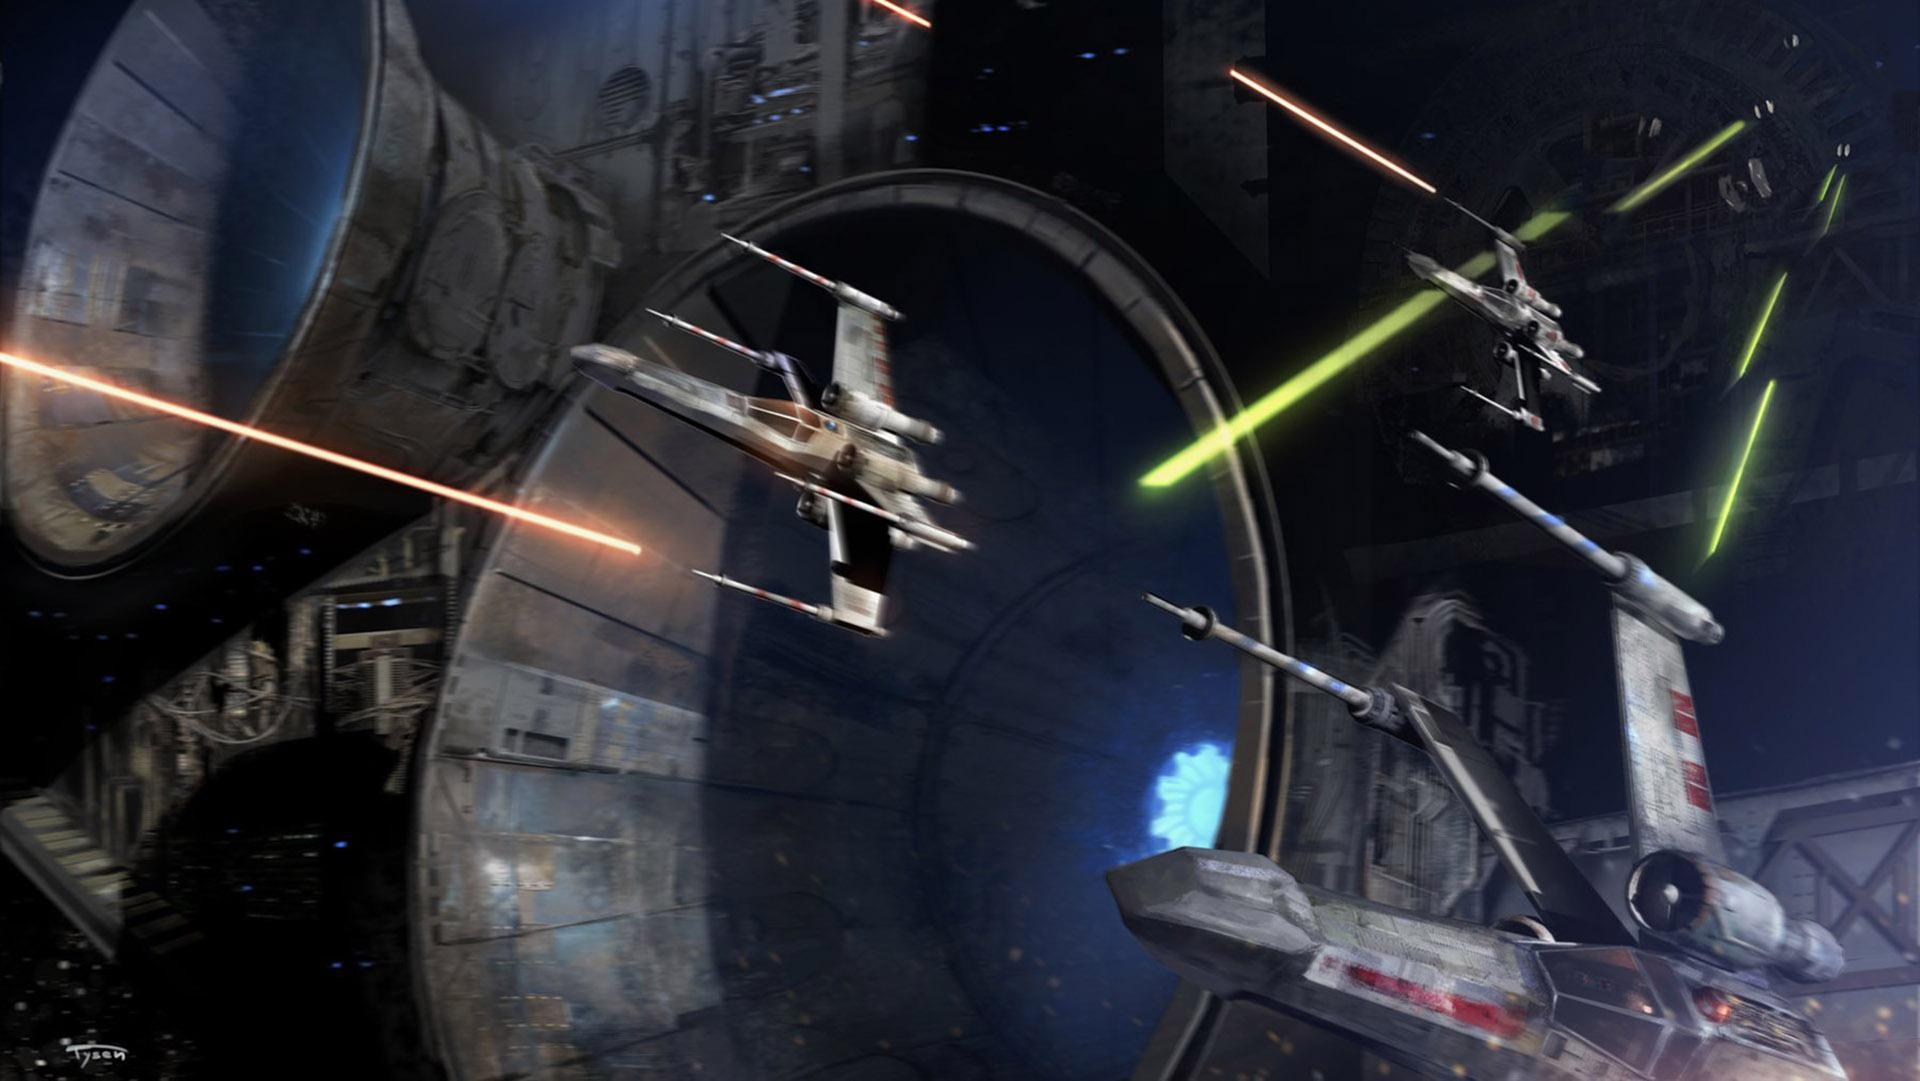 X Wing Fighter Iphone Wallpaper Free Sci Fi Hd Backgrounds Pixelstalk Net